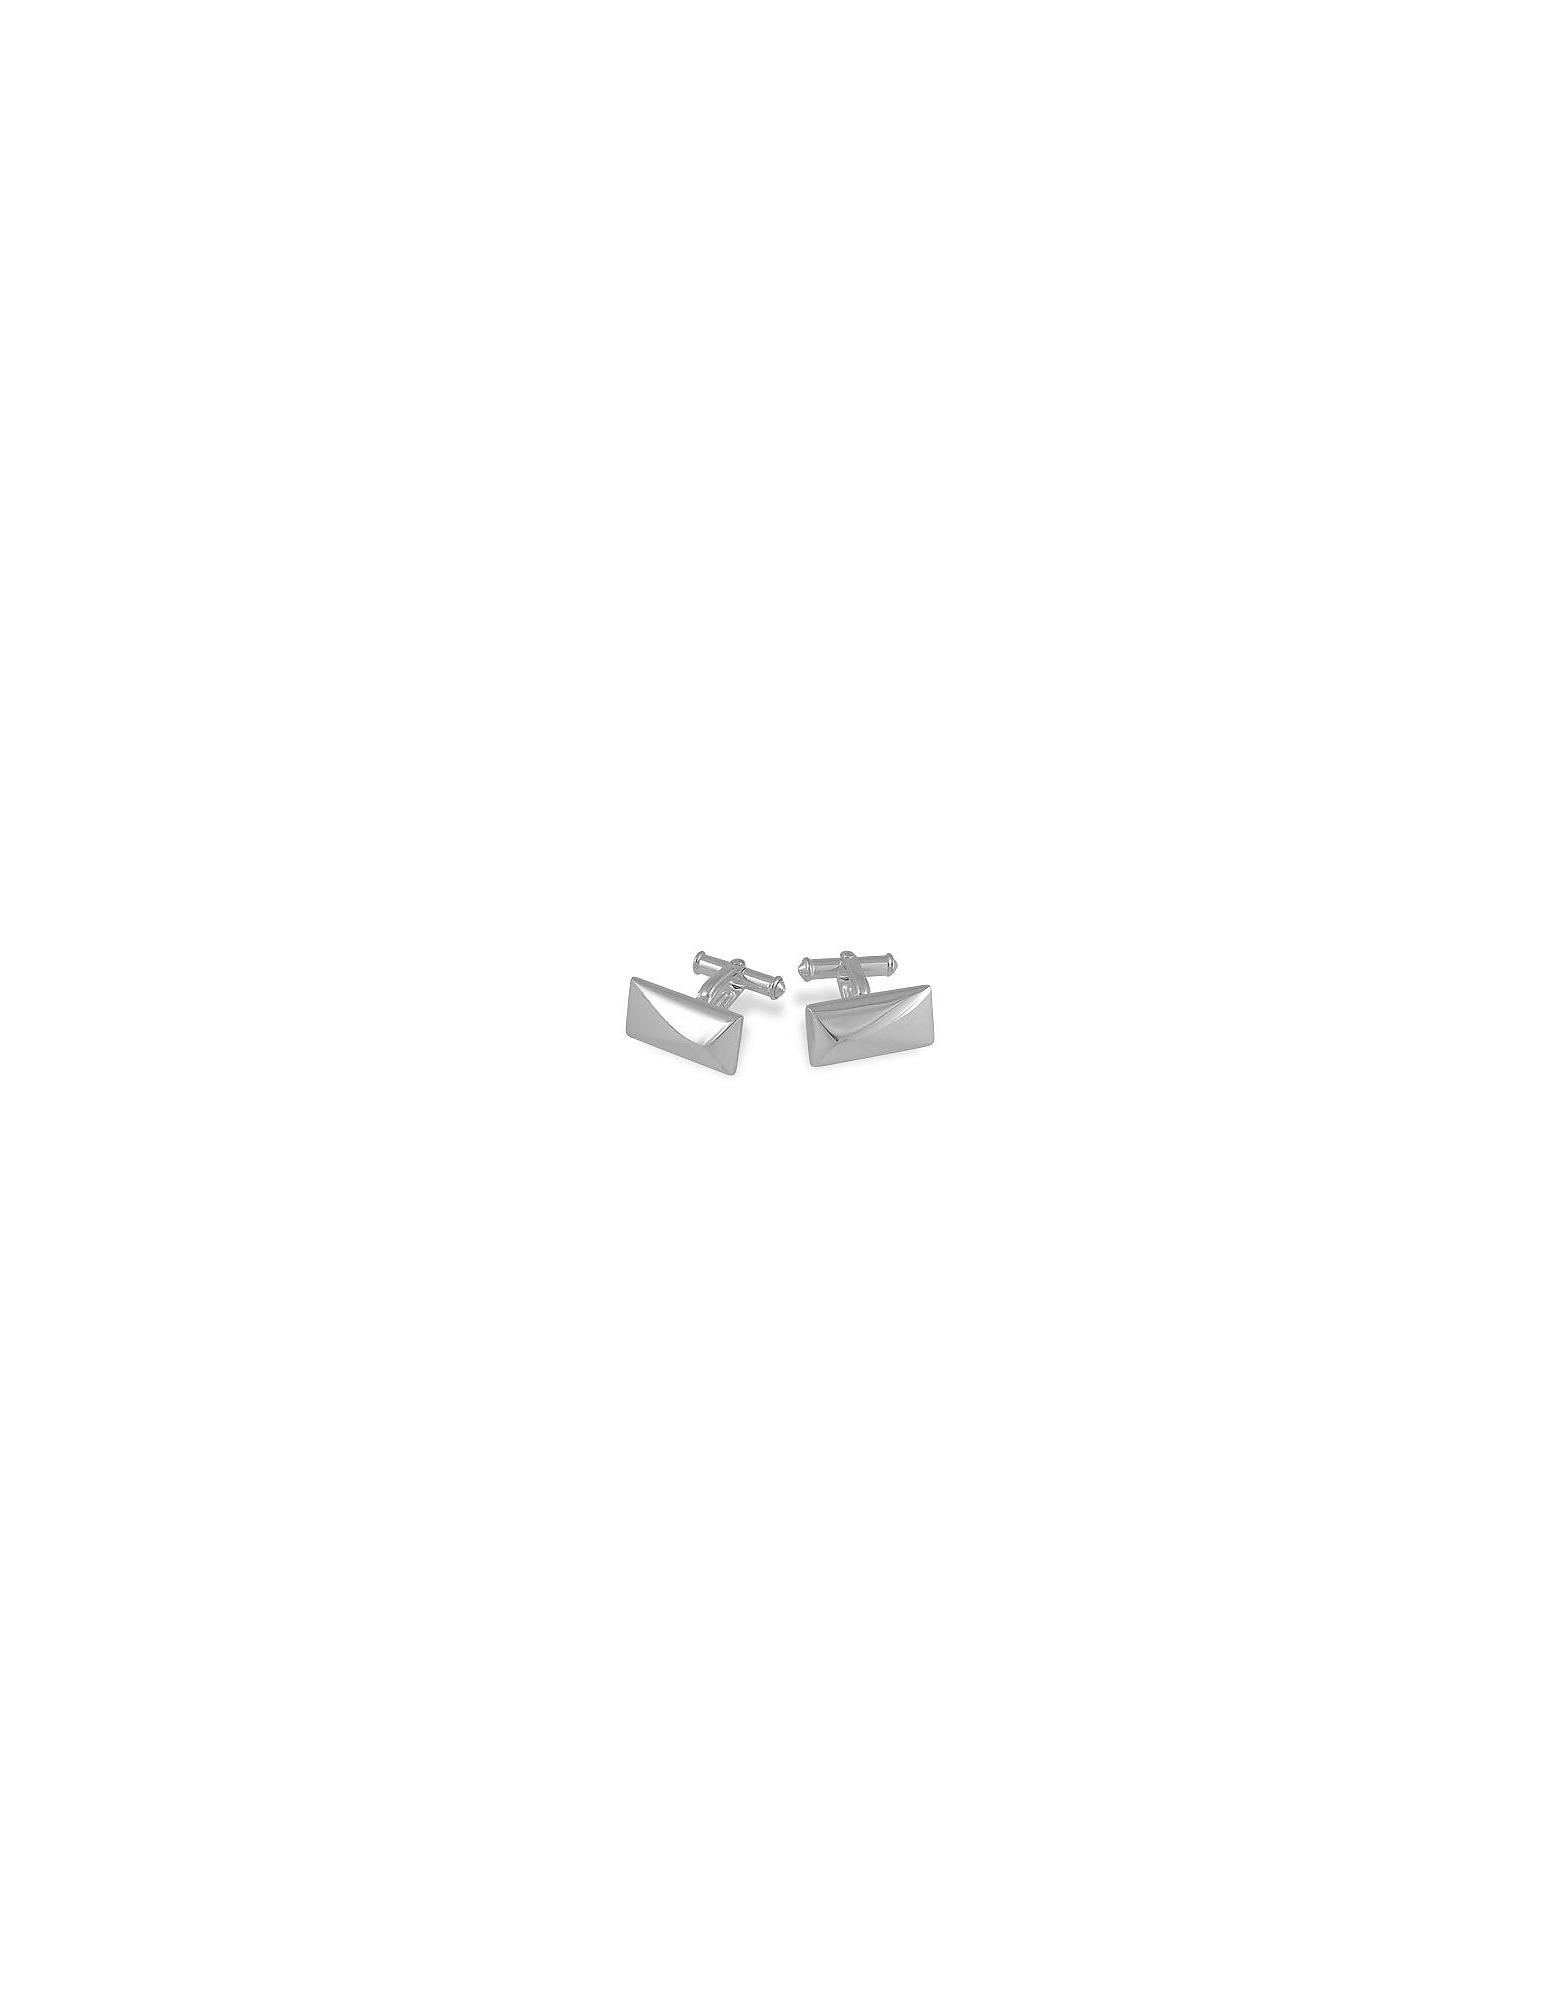 Forzieri Cufflinks, Sterling Silver Rectangular Cuff Links